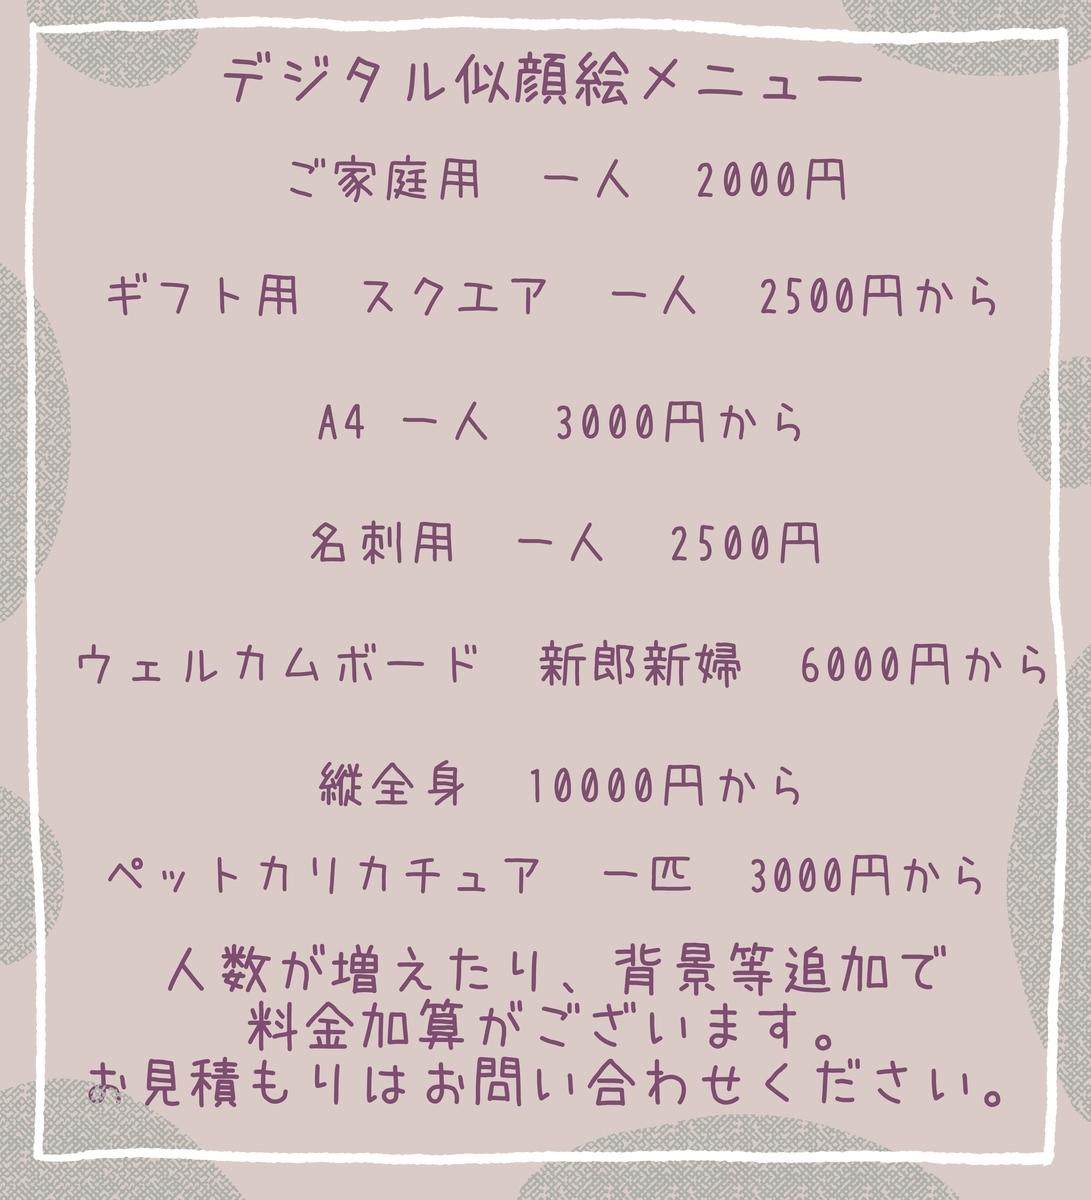 デジタル似顔絵メニュー 北海道札幌の似顔絵作家高井じゅり 似顔絵ファクトリー